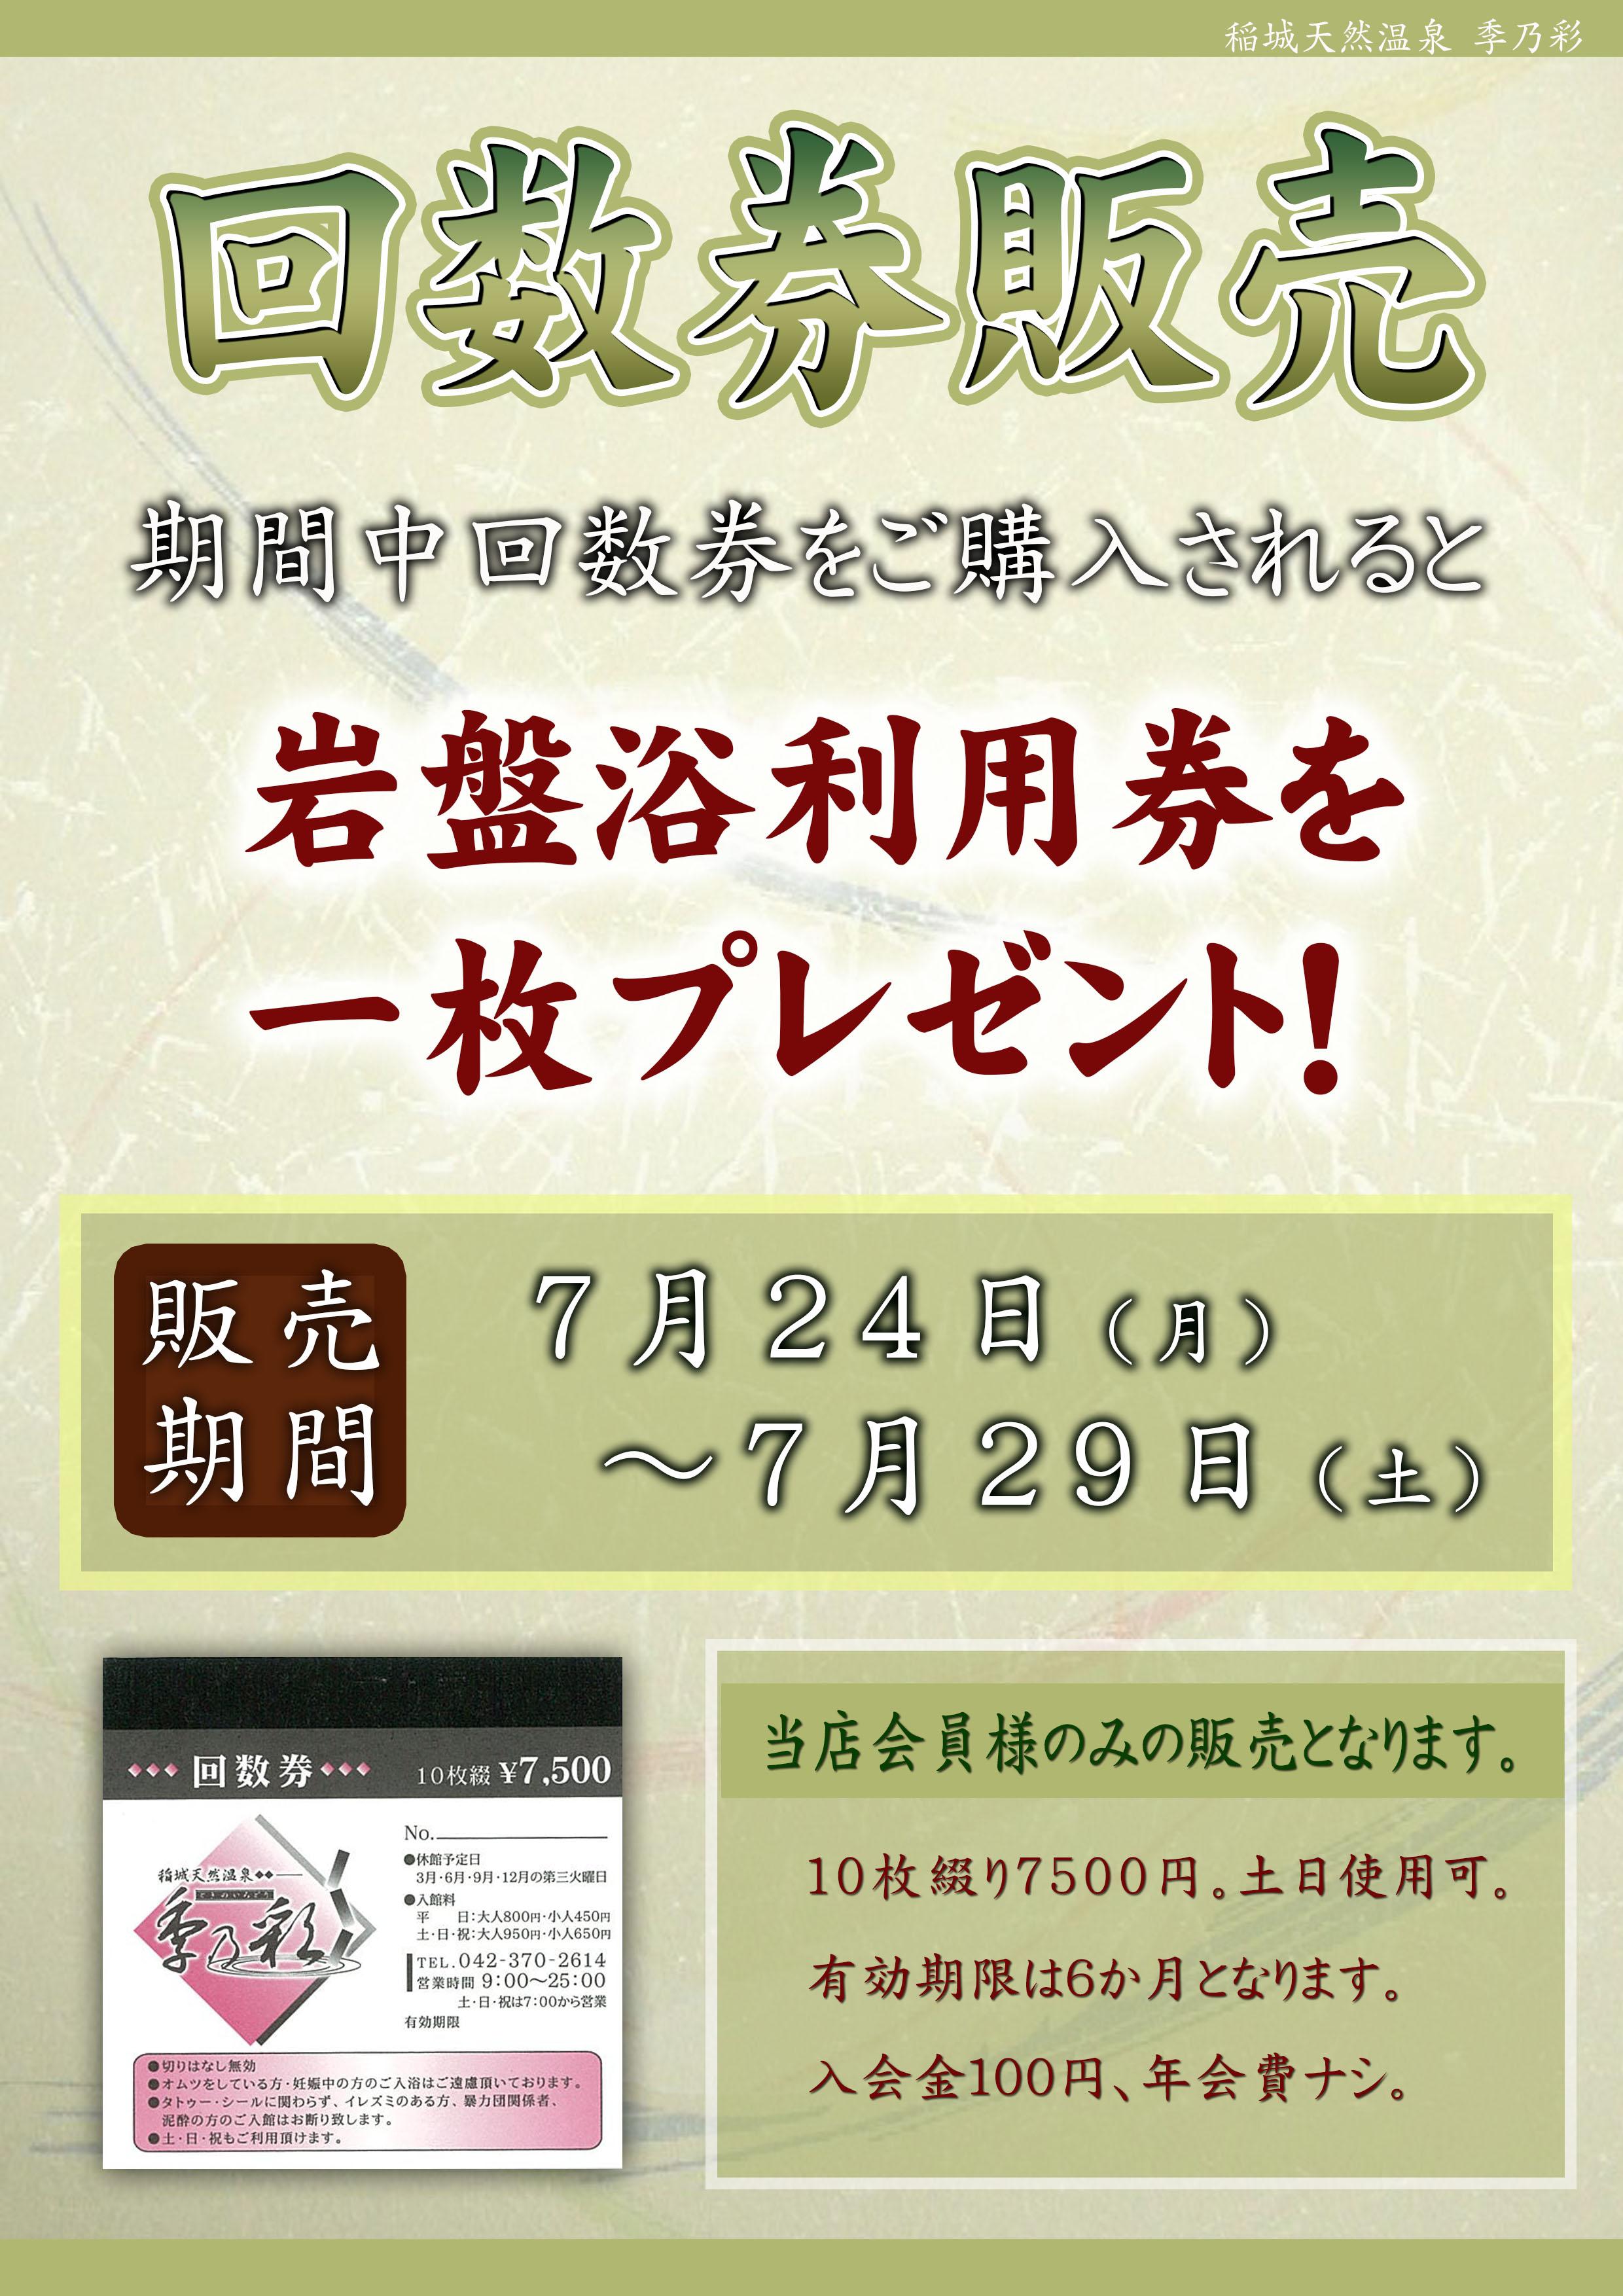 POP イベント 回数券特売 岩盤浴券付与【入会100円】5月